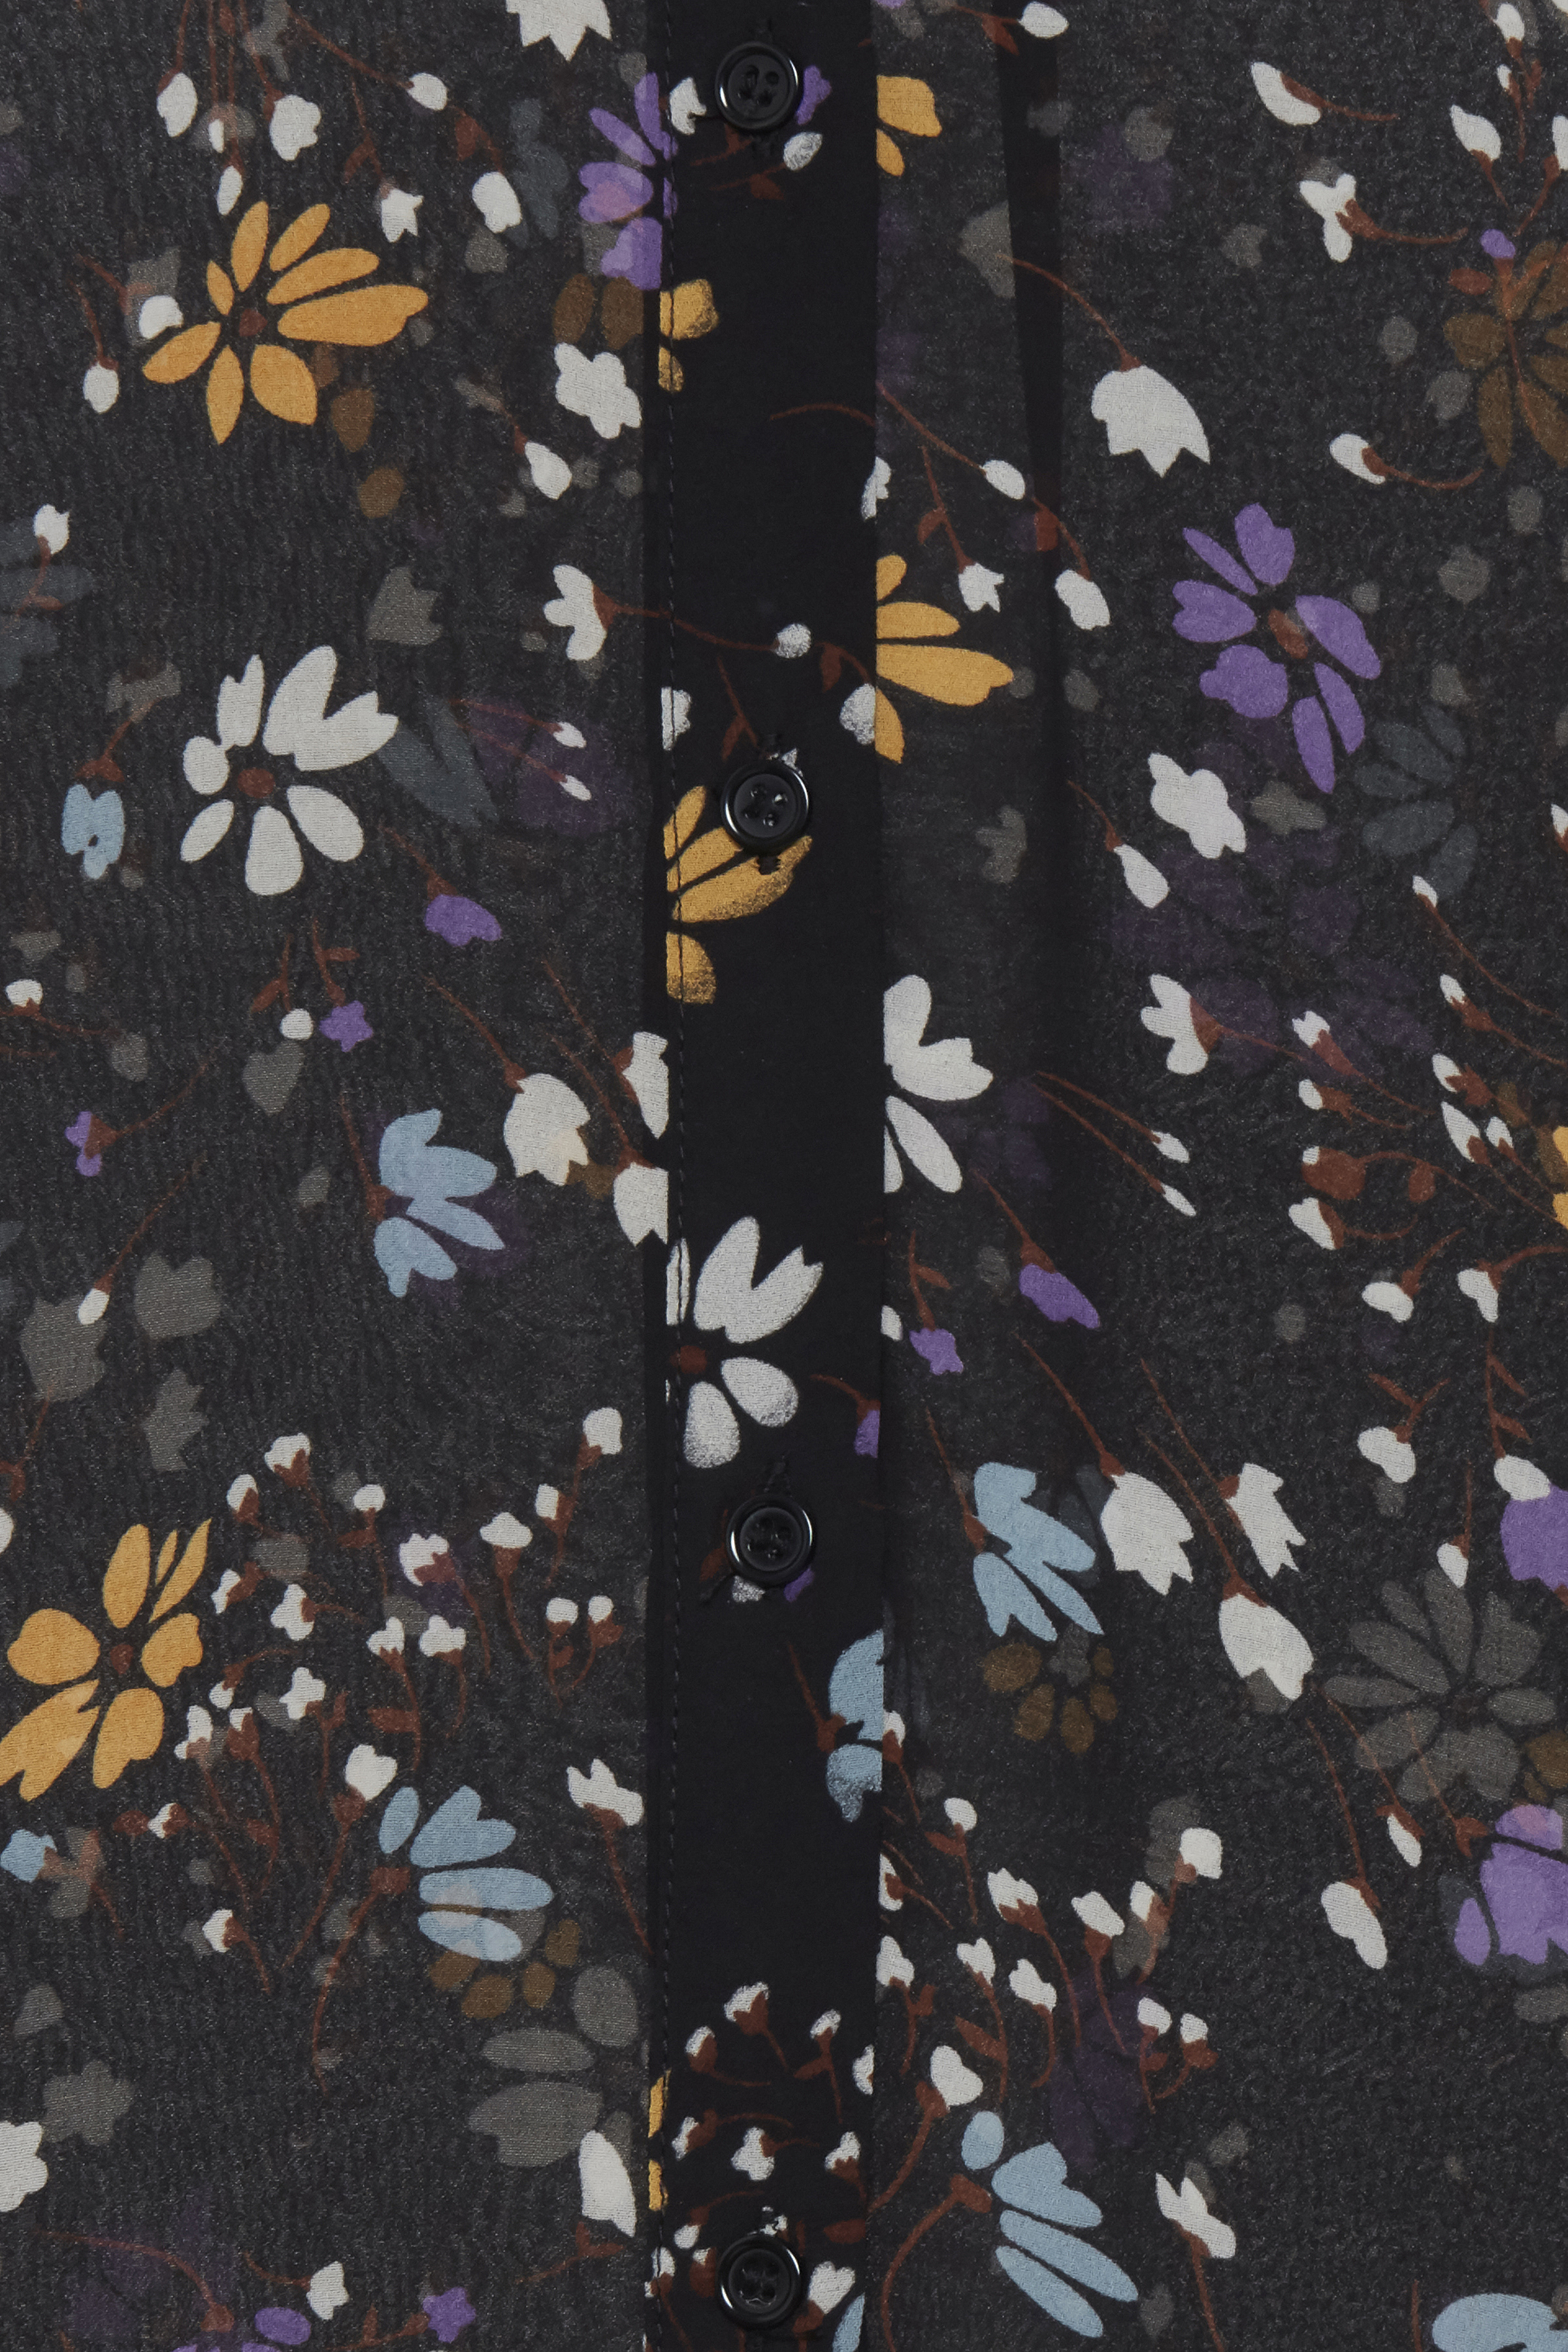 Black Langærmet skjorte – Køb Black Langærmet skjorte fra str. XS-XL her